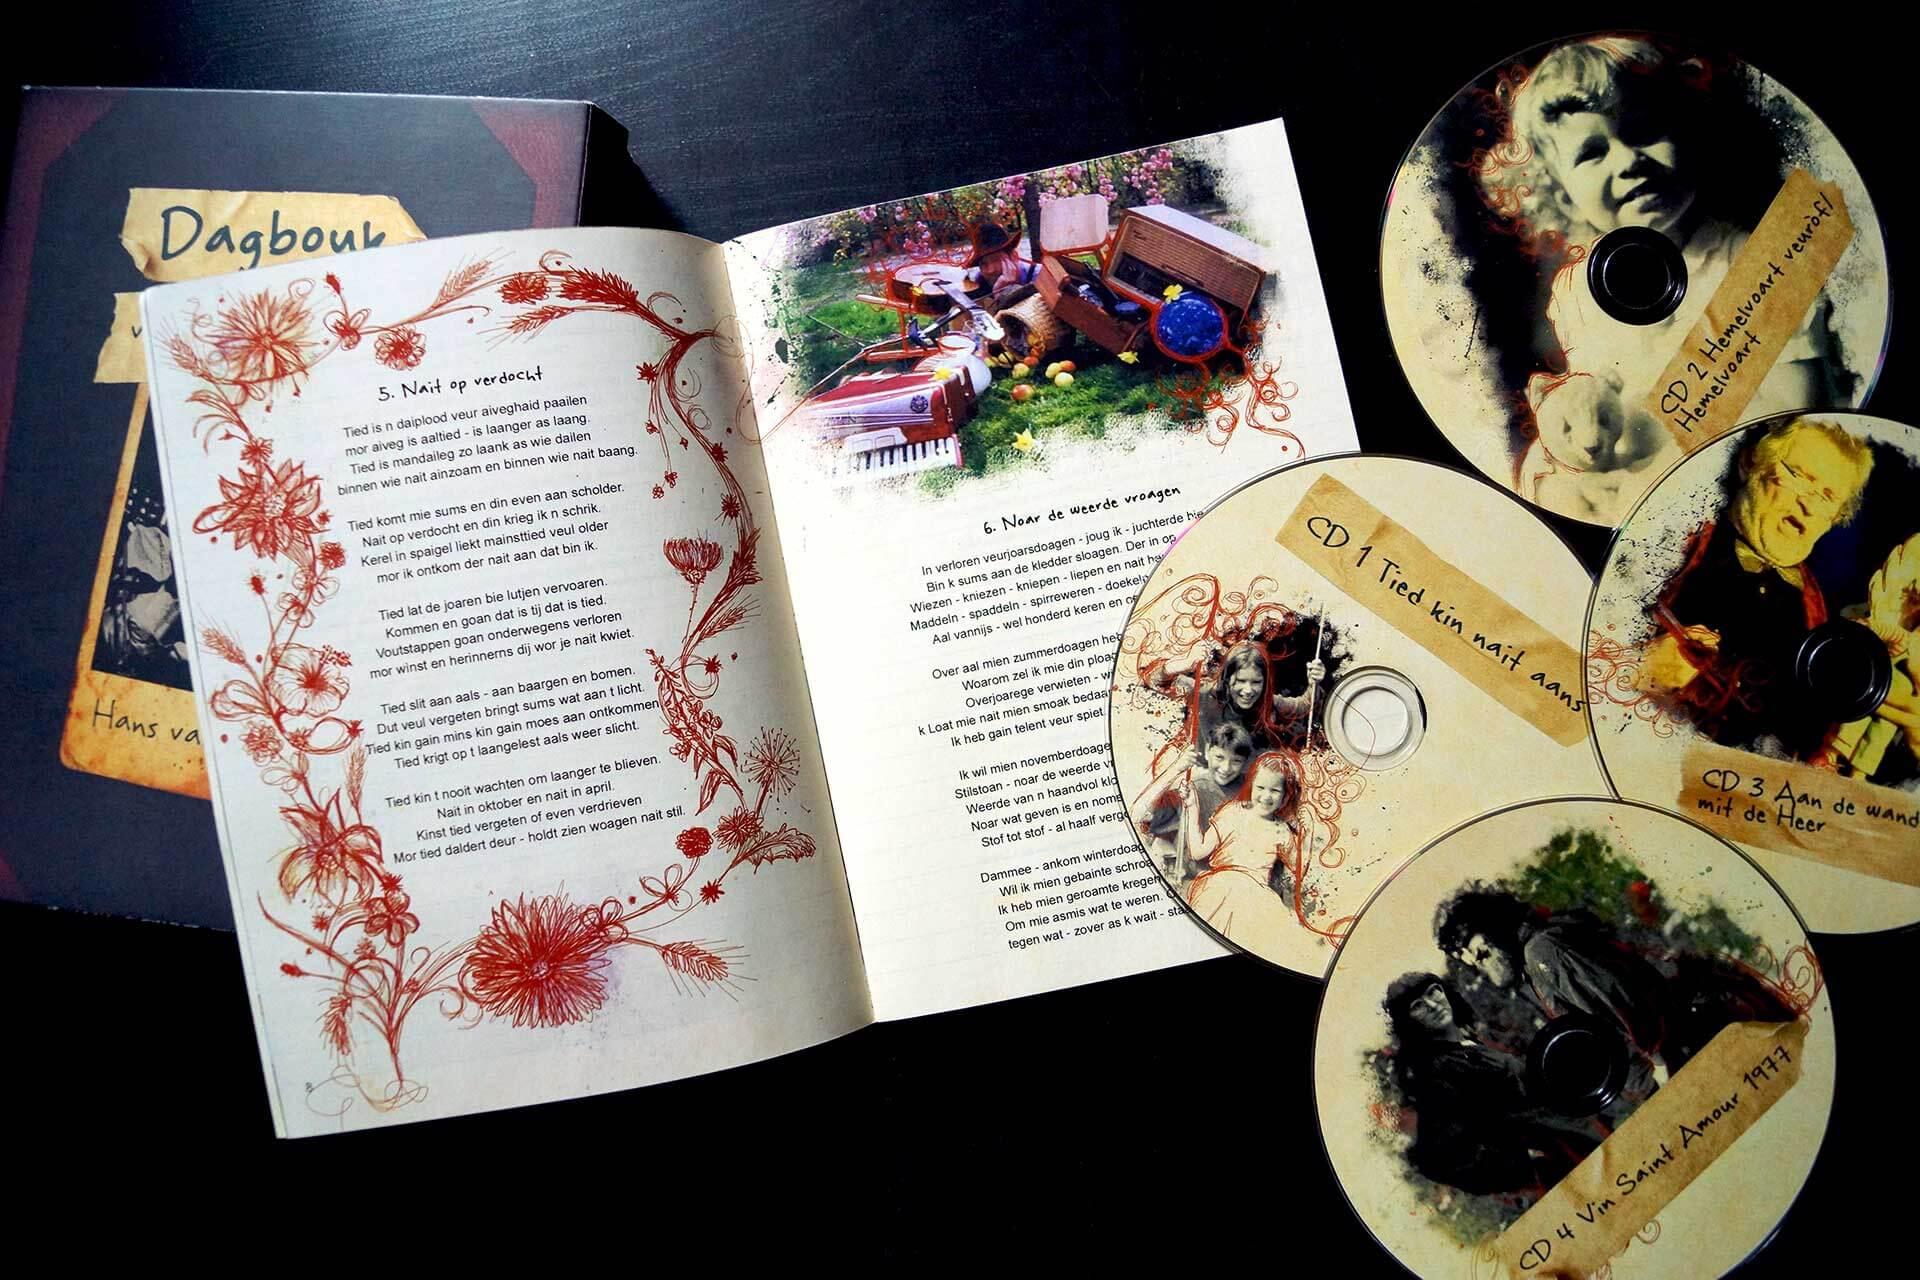 Dagbouk losse CDs en voorbeeld binnenkant boekje